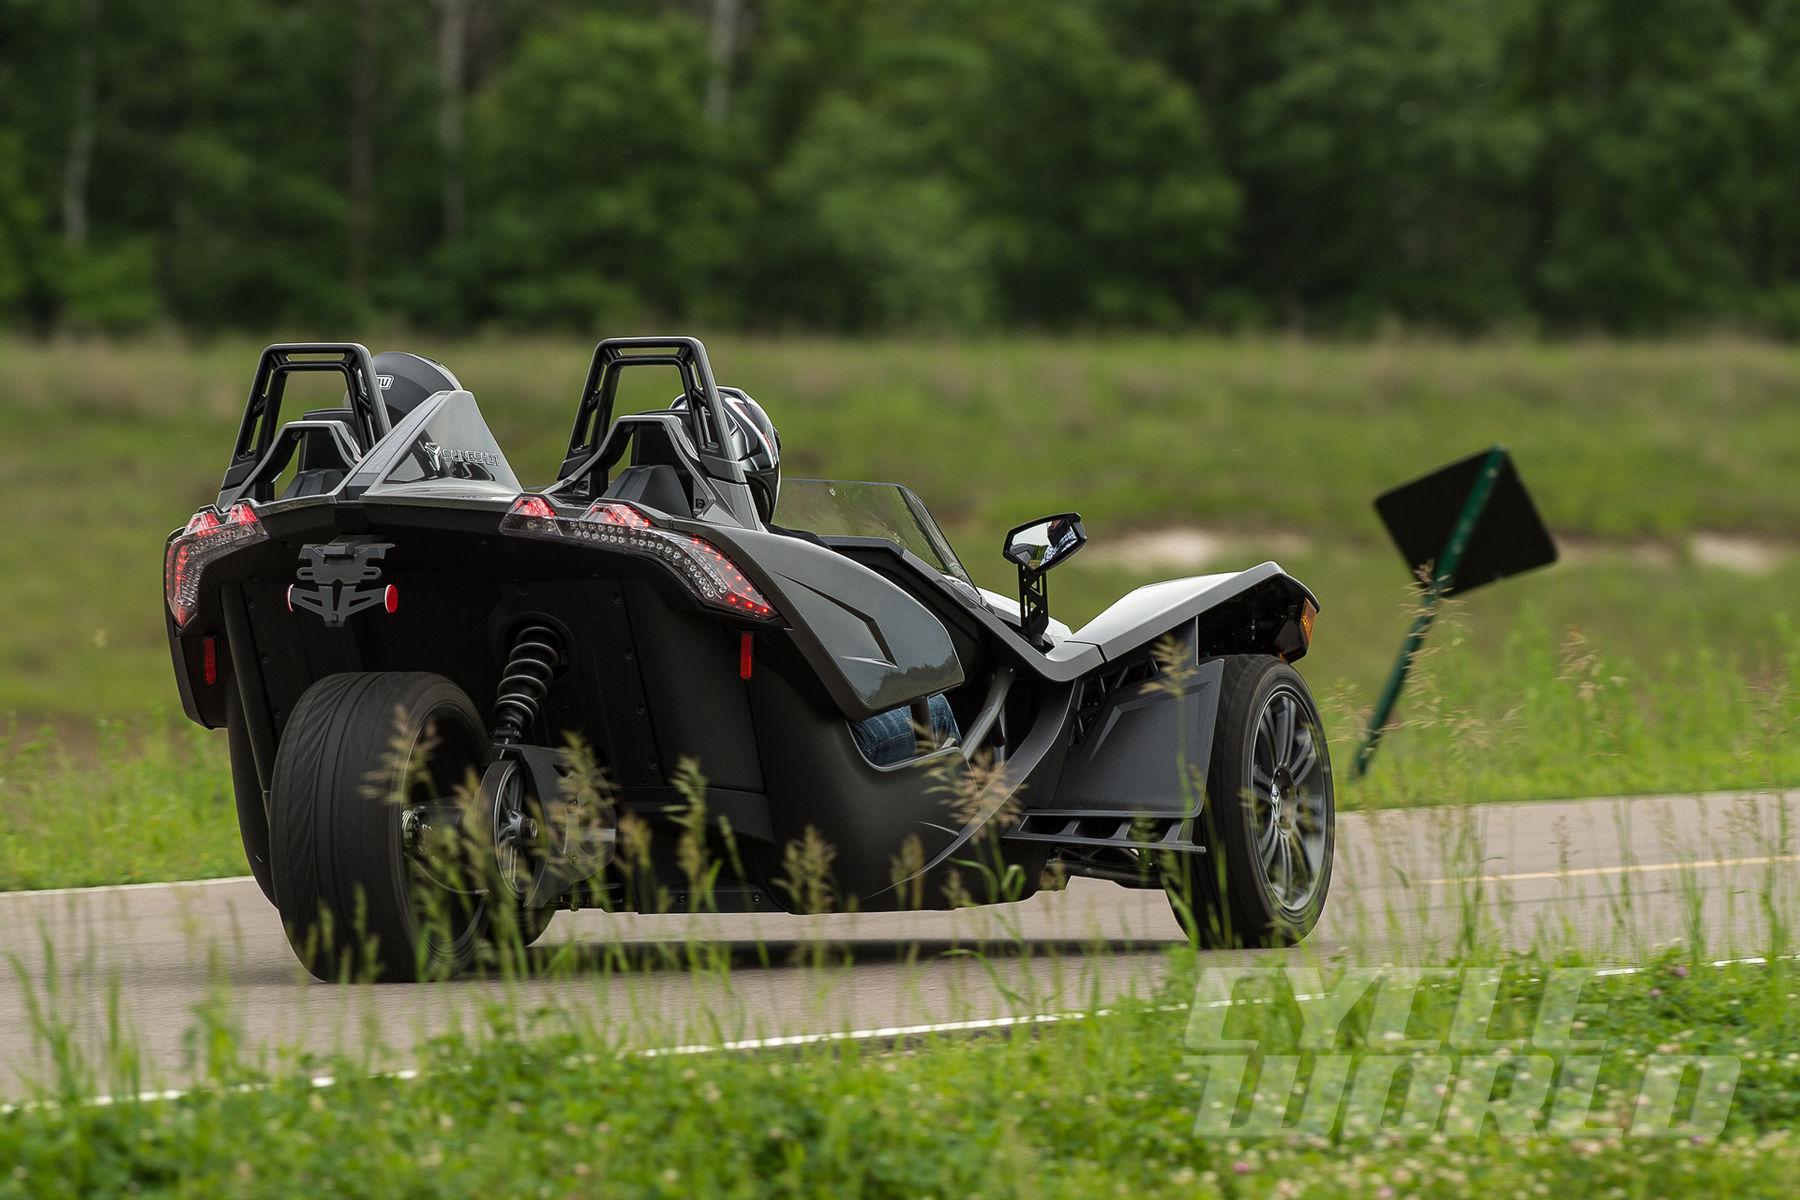 2015 Polaris  | 2015 Polaris Slingshot – First Ride